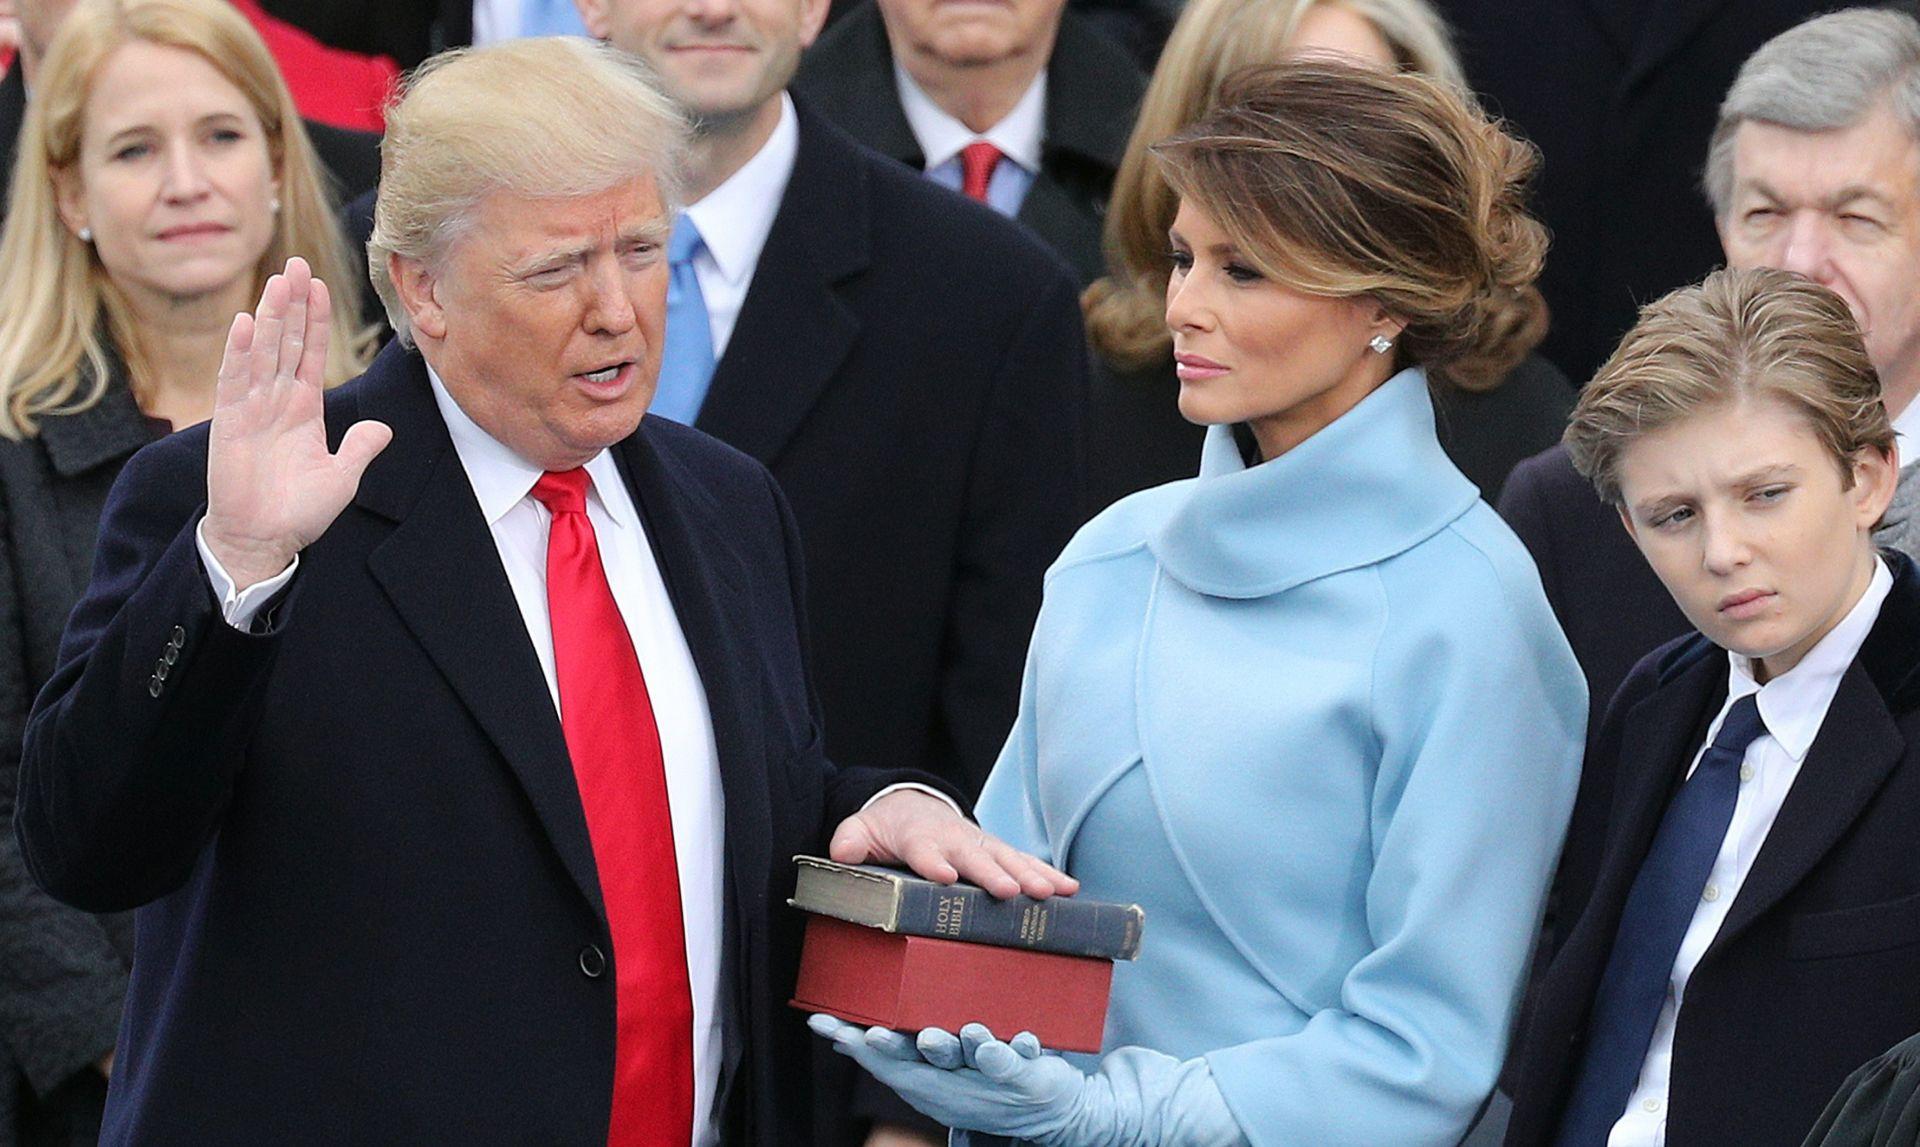 Trump u prvoj godini mandata širio neslogu i podjele